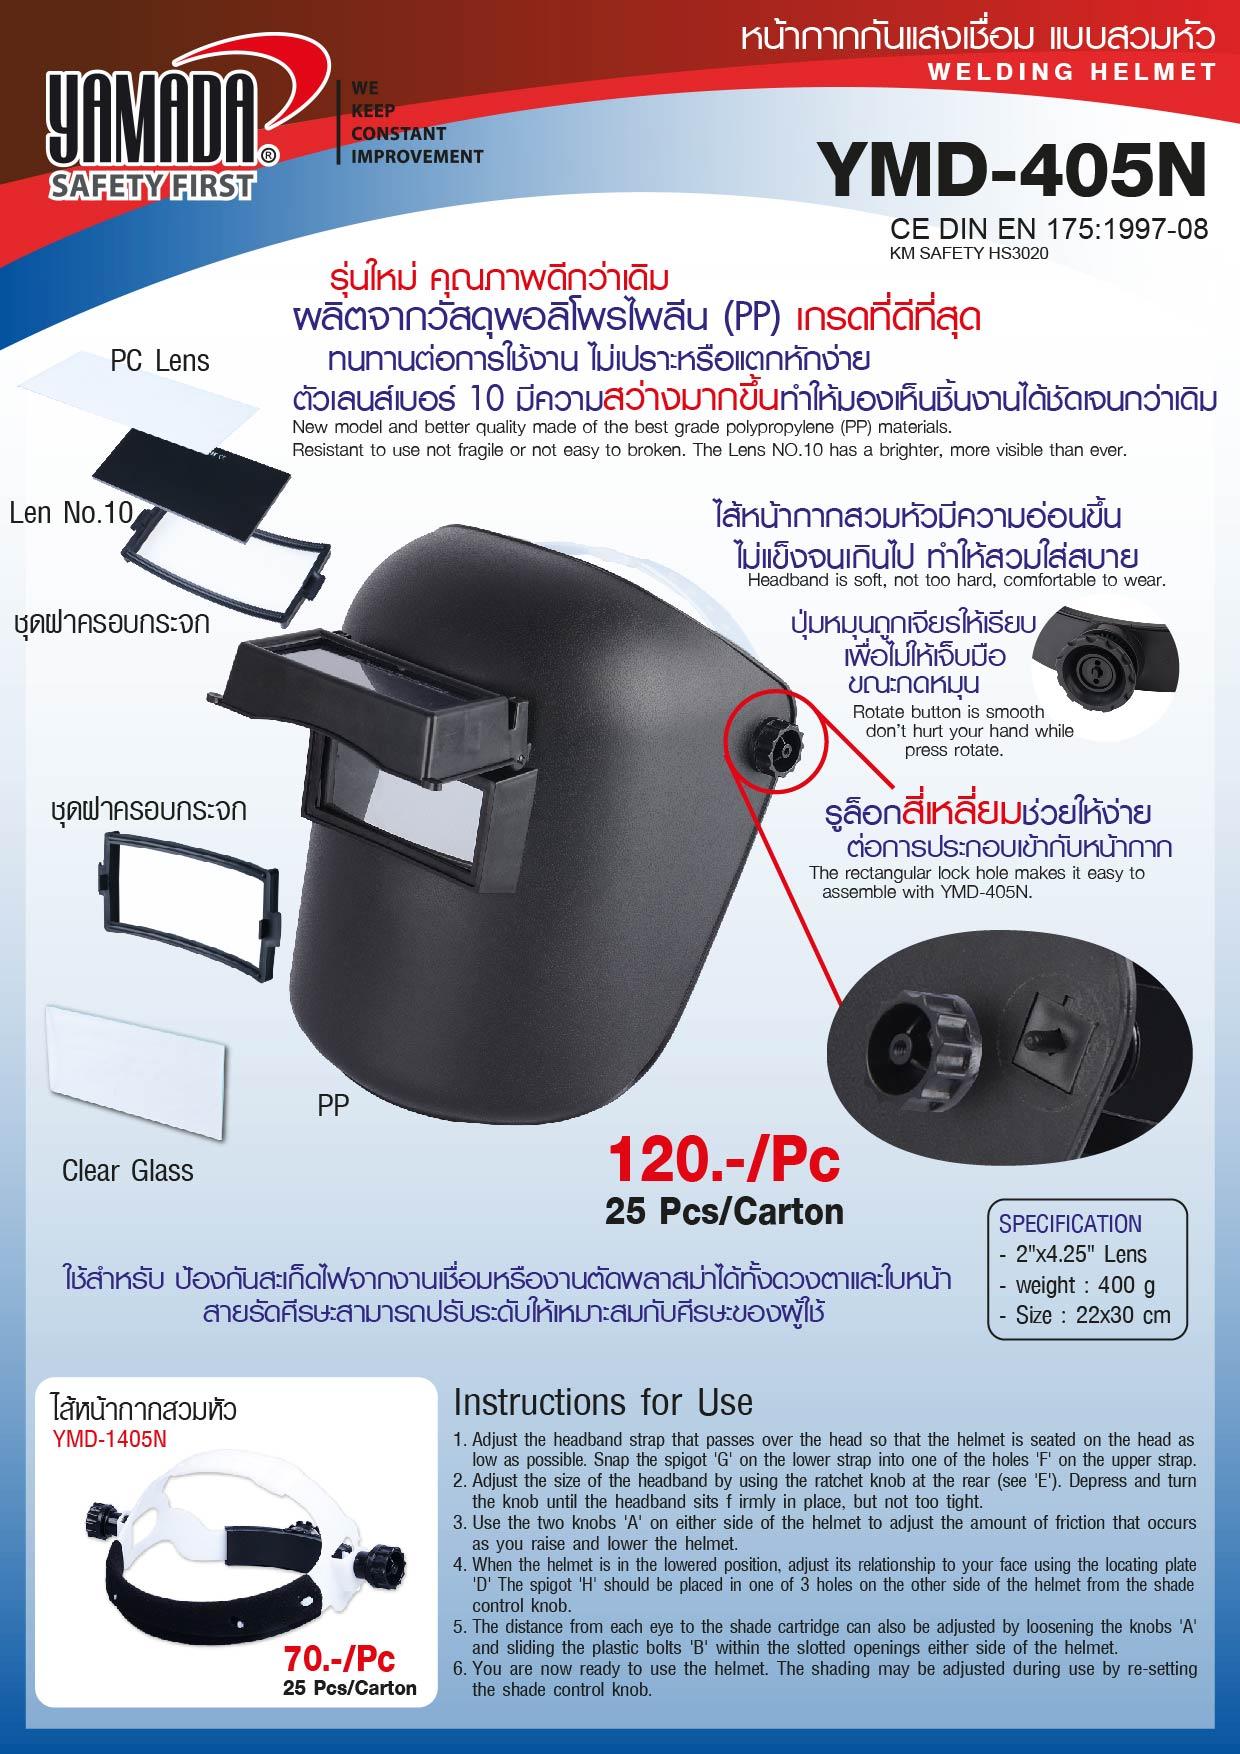 (163/278) หน้ากากกันแสงเชื่อม แบบสวมหัว - Welding Helmet YMD405N